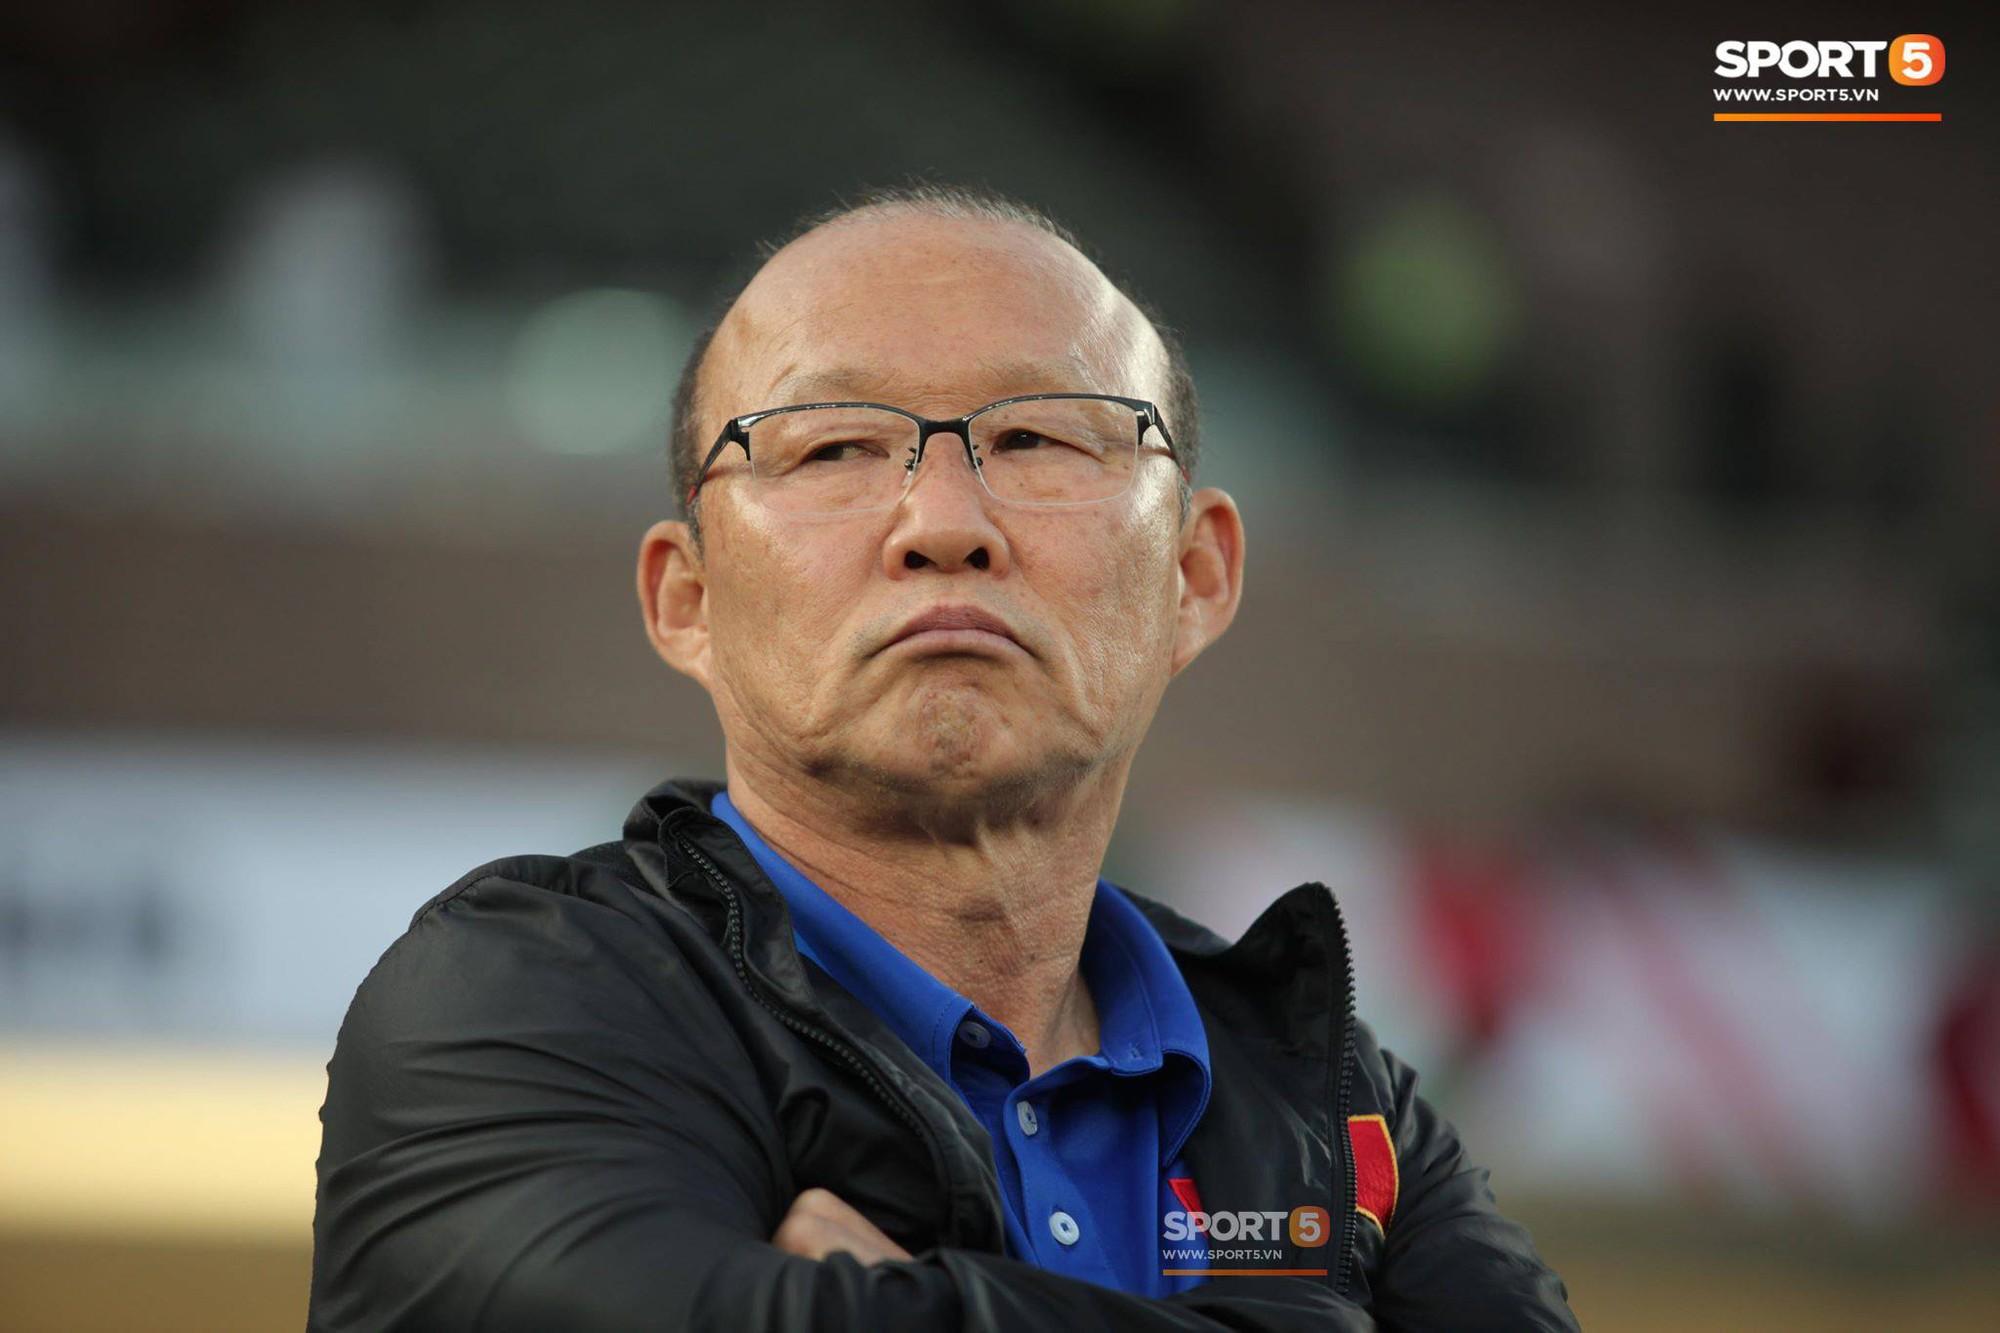 Báo châu Á: Trận đấu của Việt Nam sẽ công bằng hơn nếu không có tình huống đá phạt - Ảnh 1.